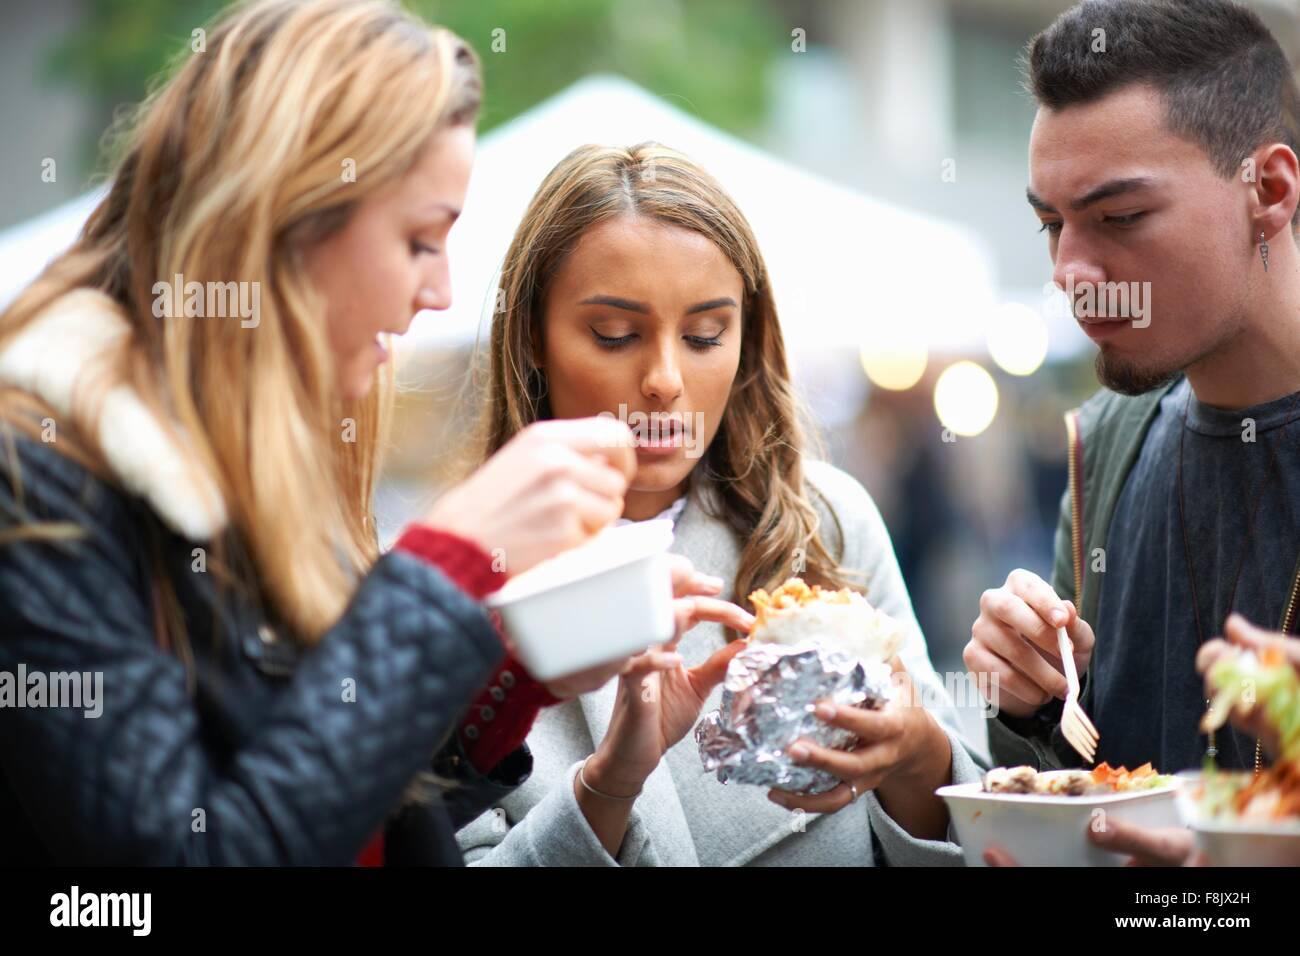 Gruppe junger Erwachsener, Speisen zum mitnehmen, im Freien zu essen Stockbild